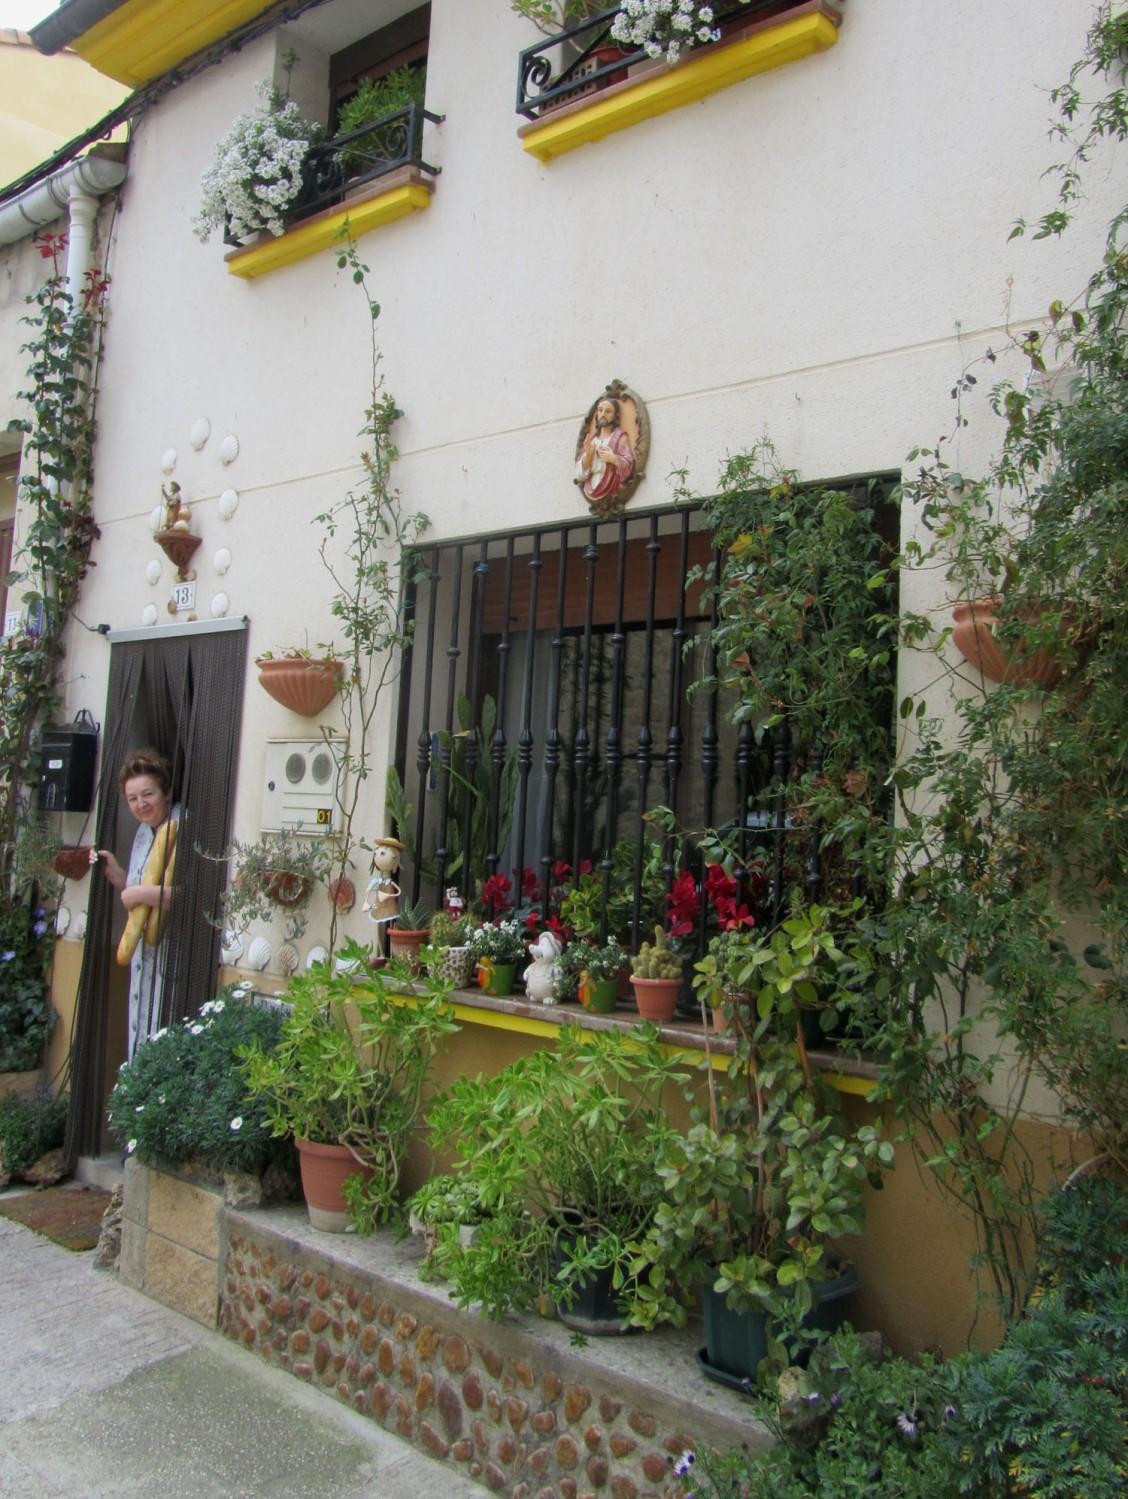 Camino-De-Santiago-Sights-And-Scenery-Senora